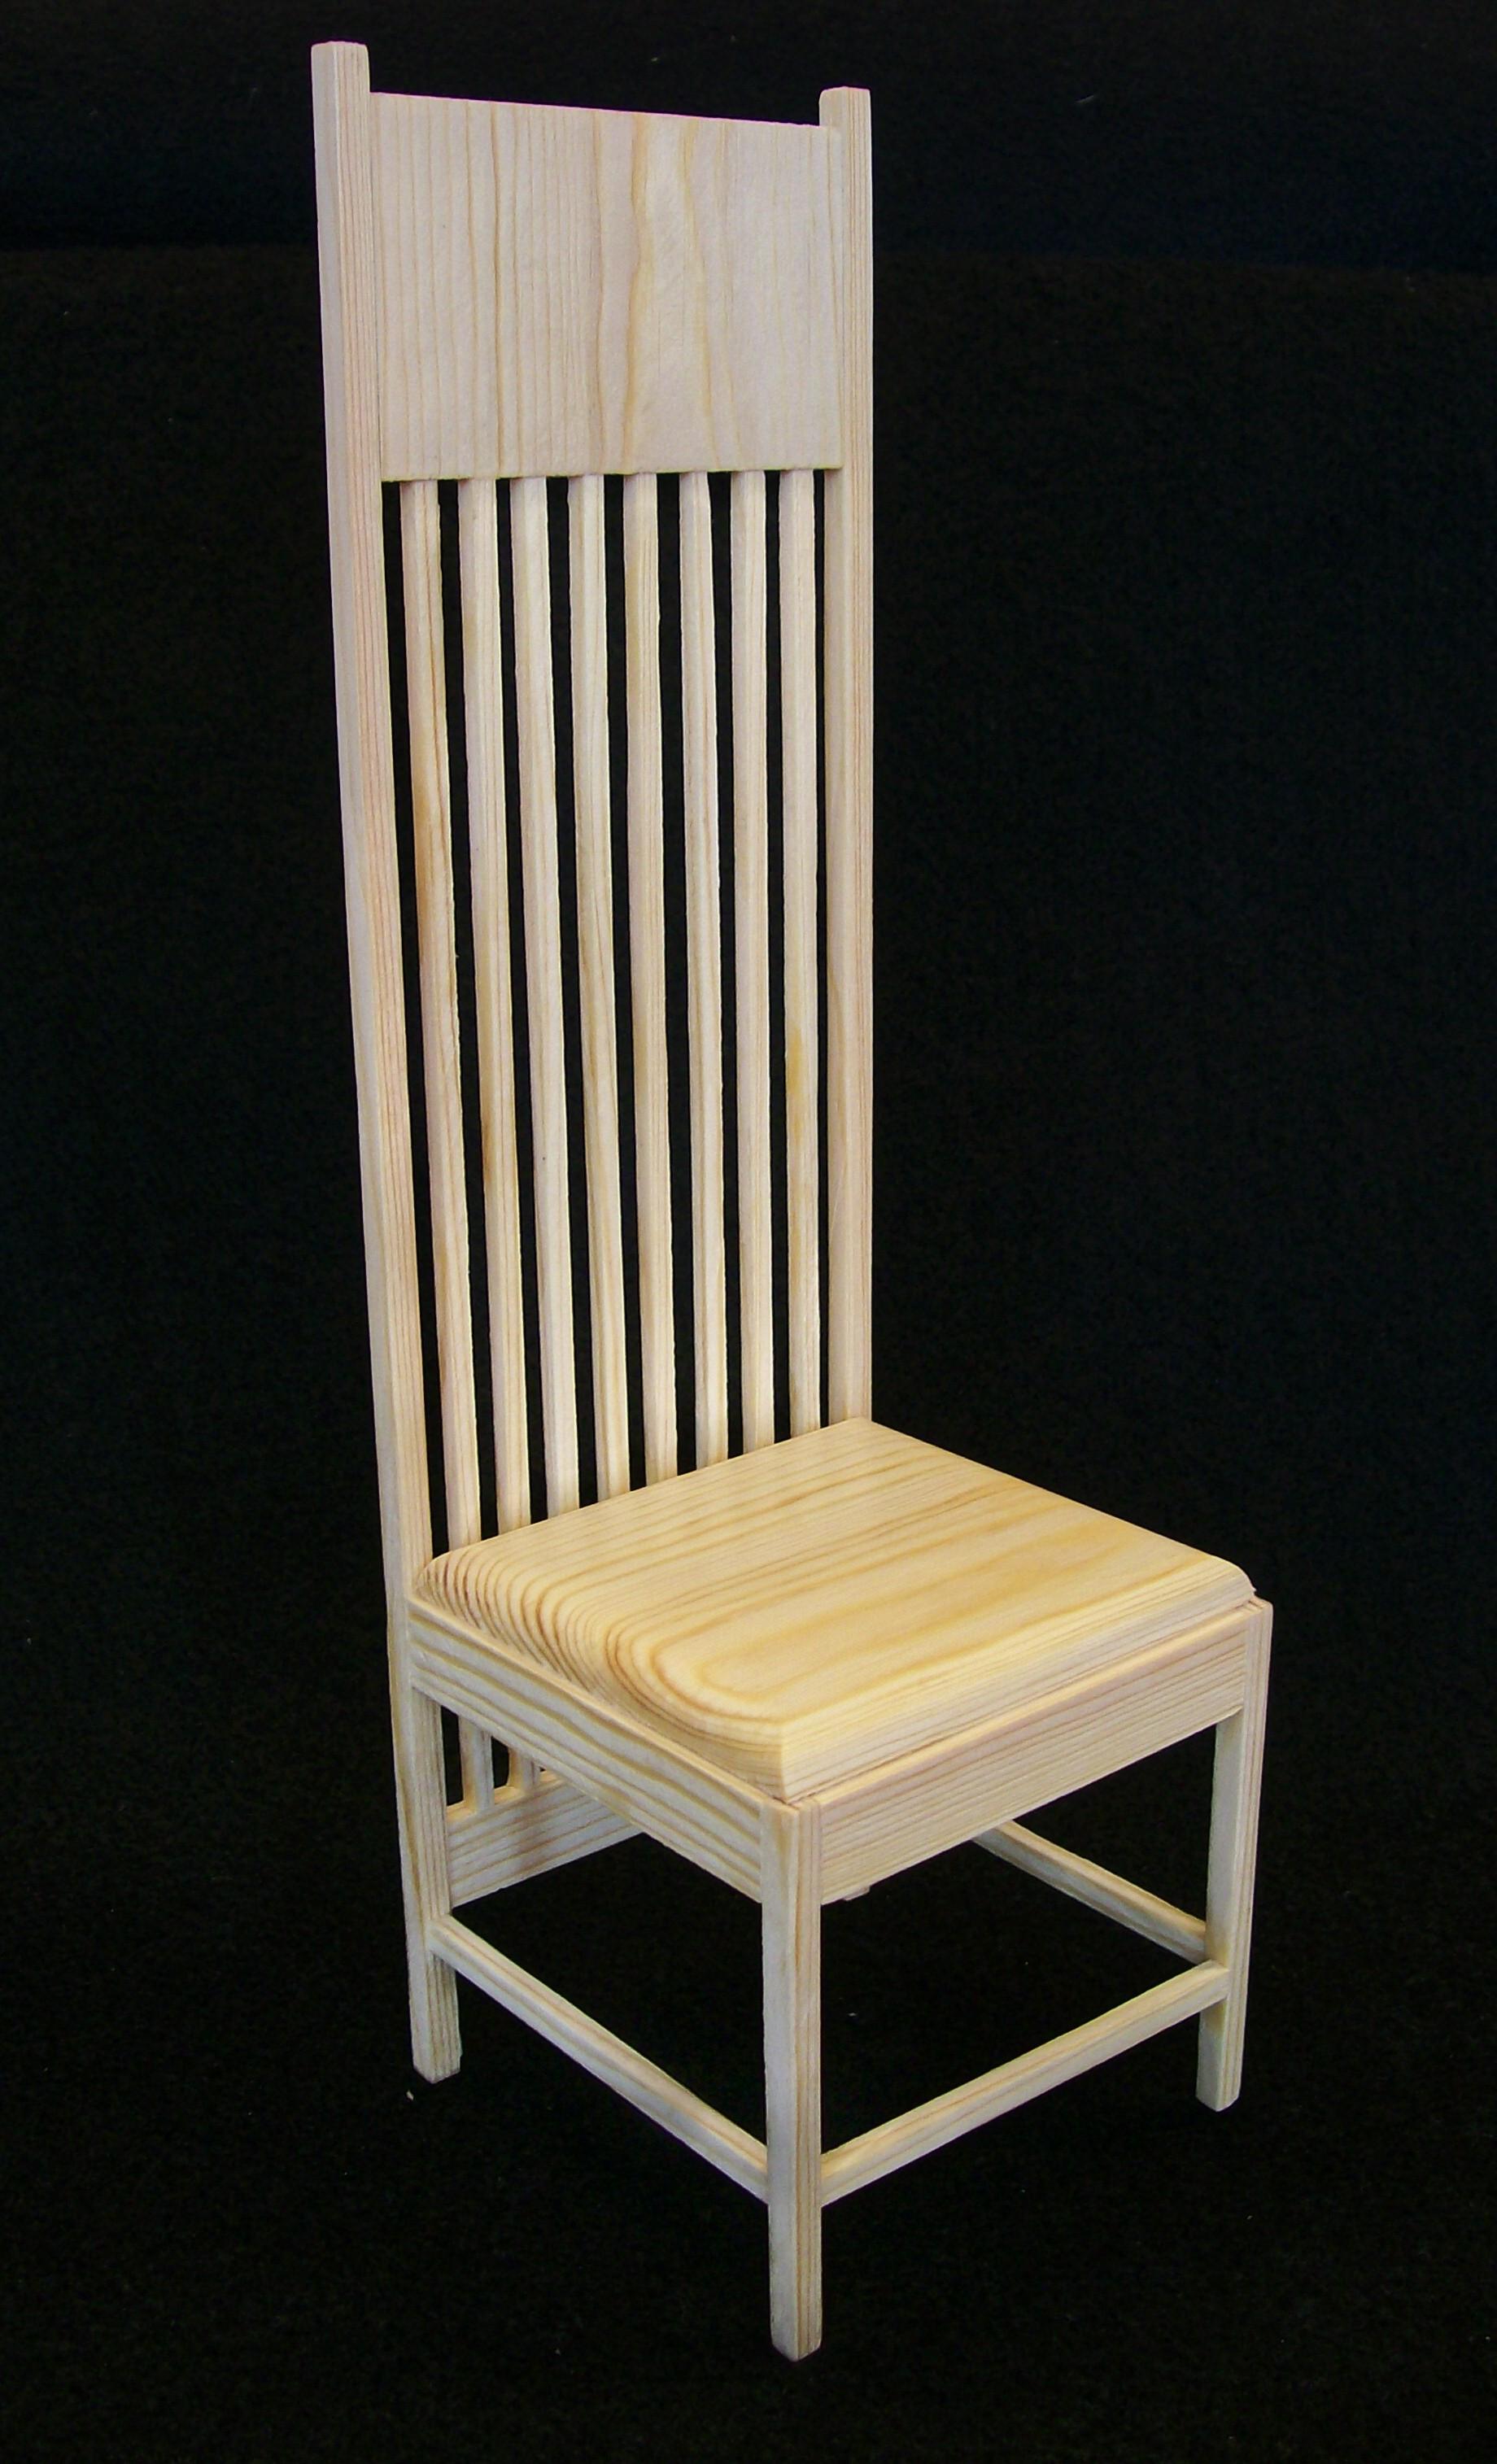 Miniaturas de mobiliário Maquetes Volumétricas #8F6B3C 1840x3029